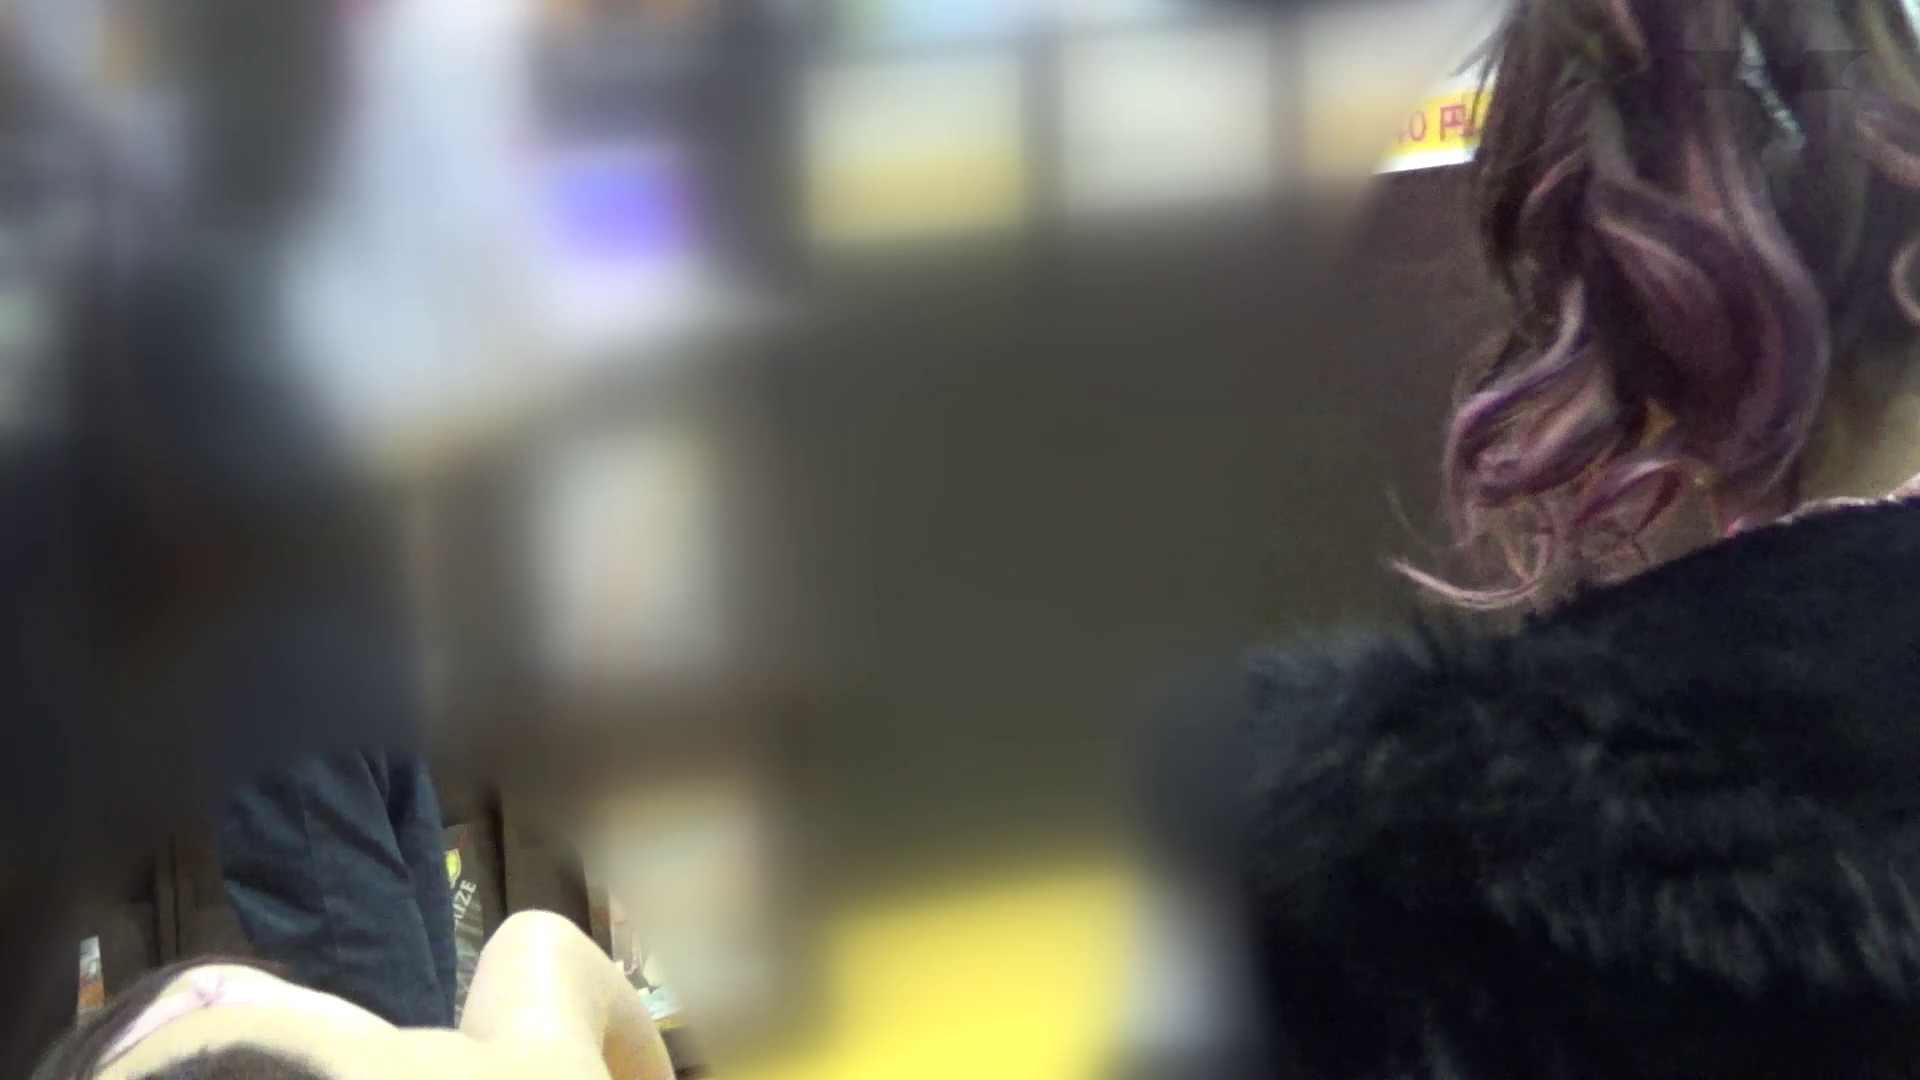 無修正おまんこ動画 レース場での秘め事 番外編Vol.01 怪盗ジョーカー